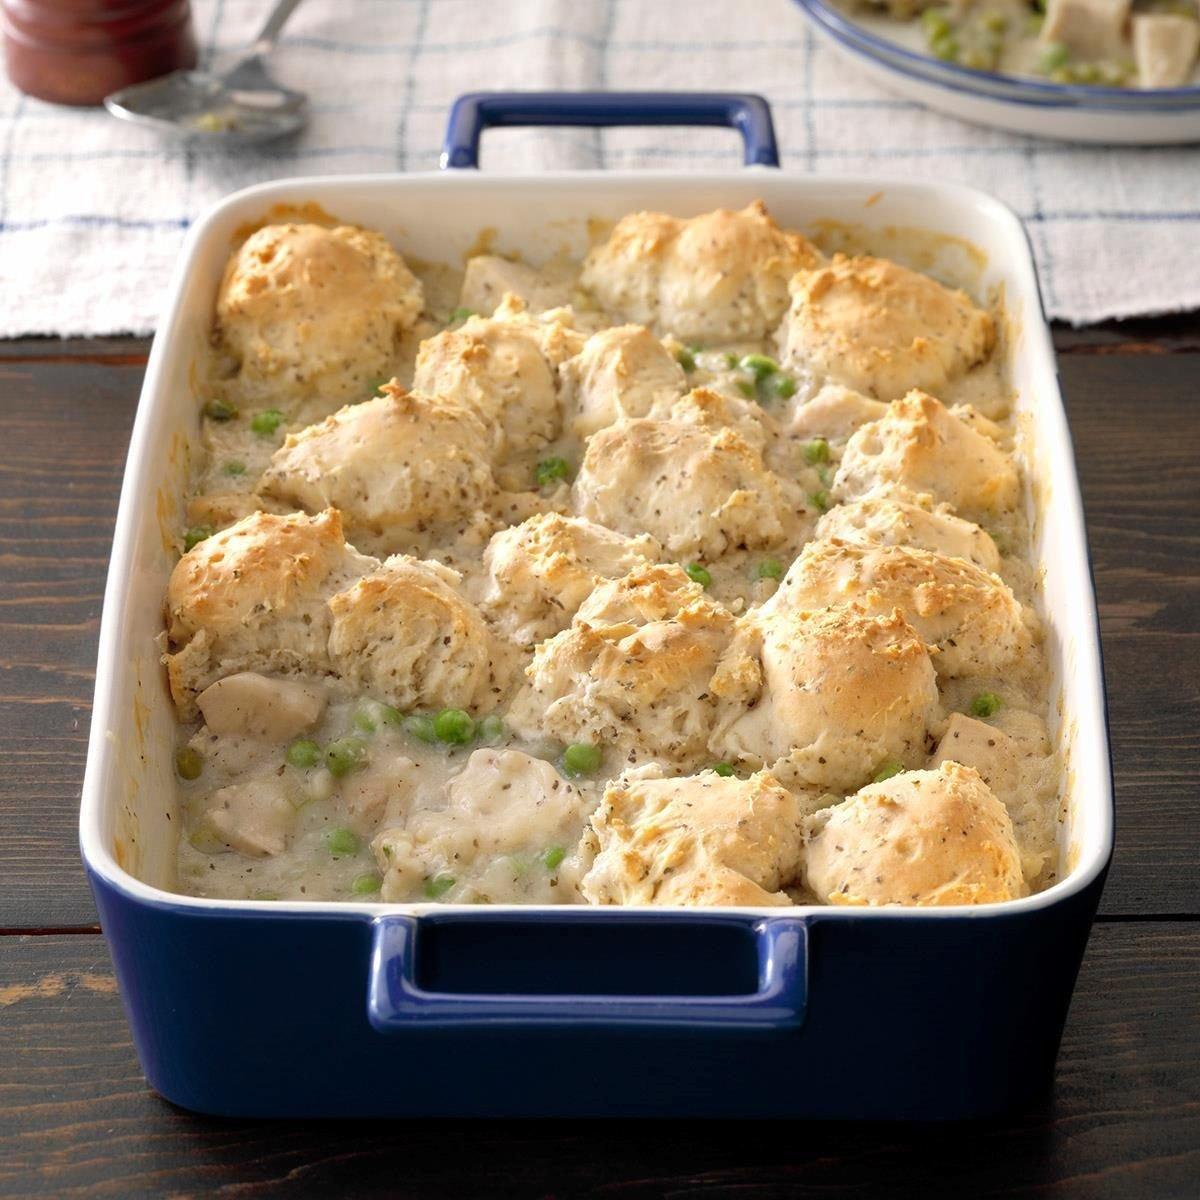 Chicken & Dumpling Casserole